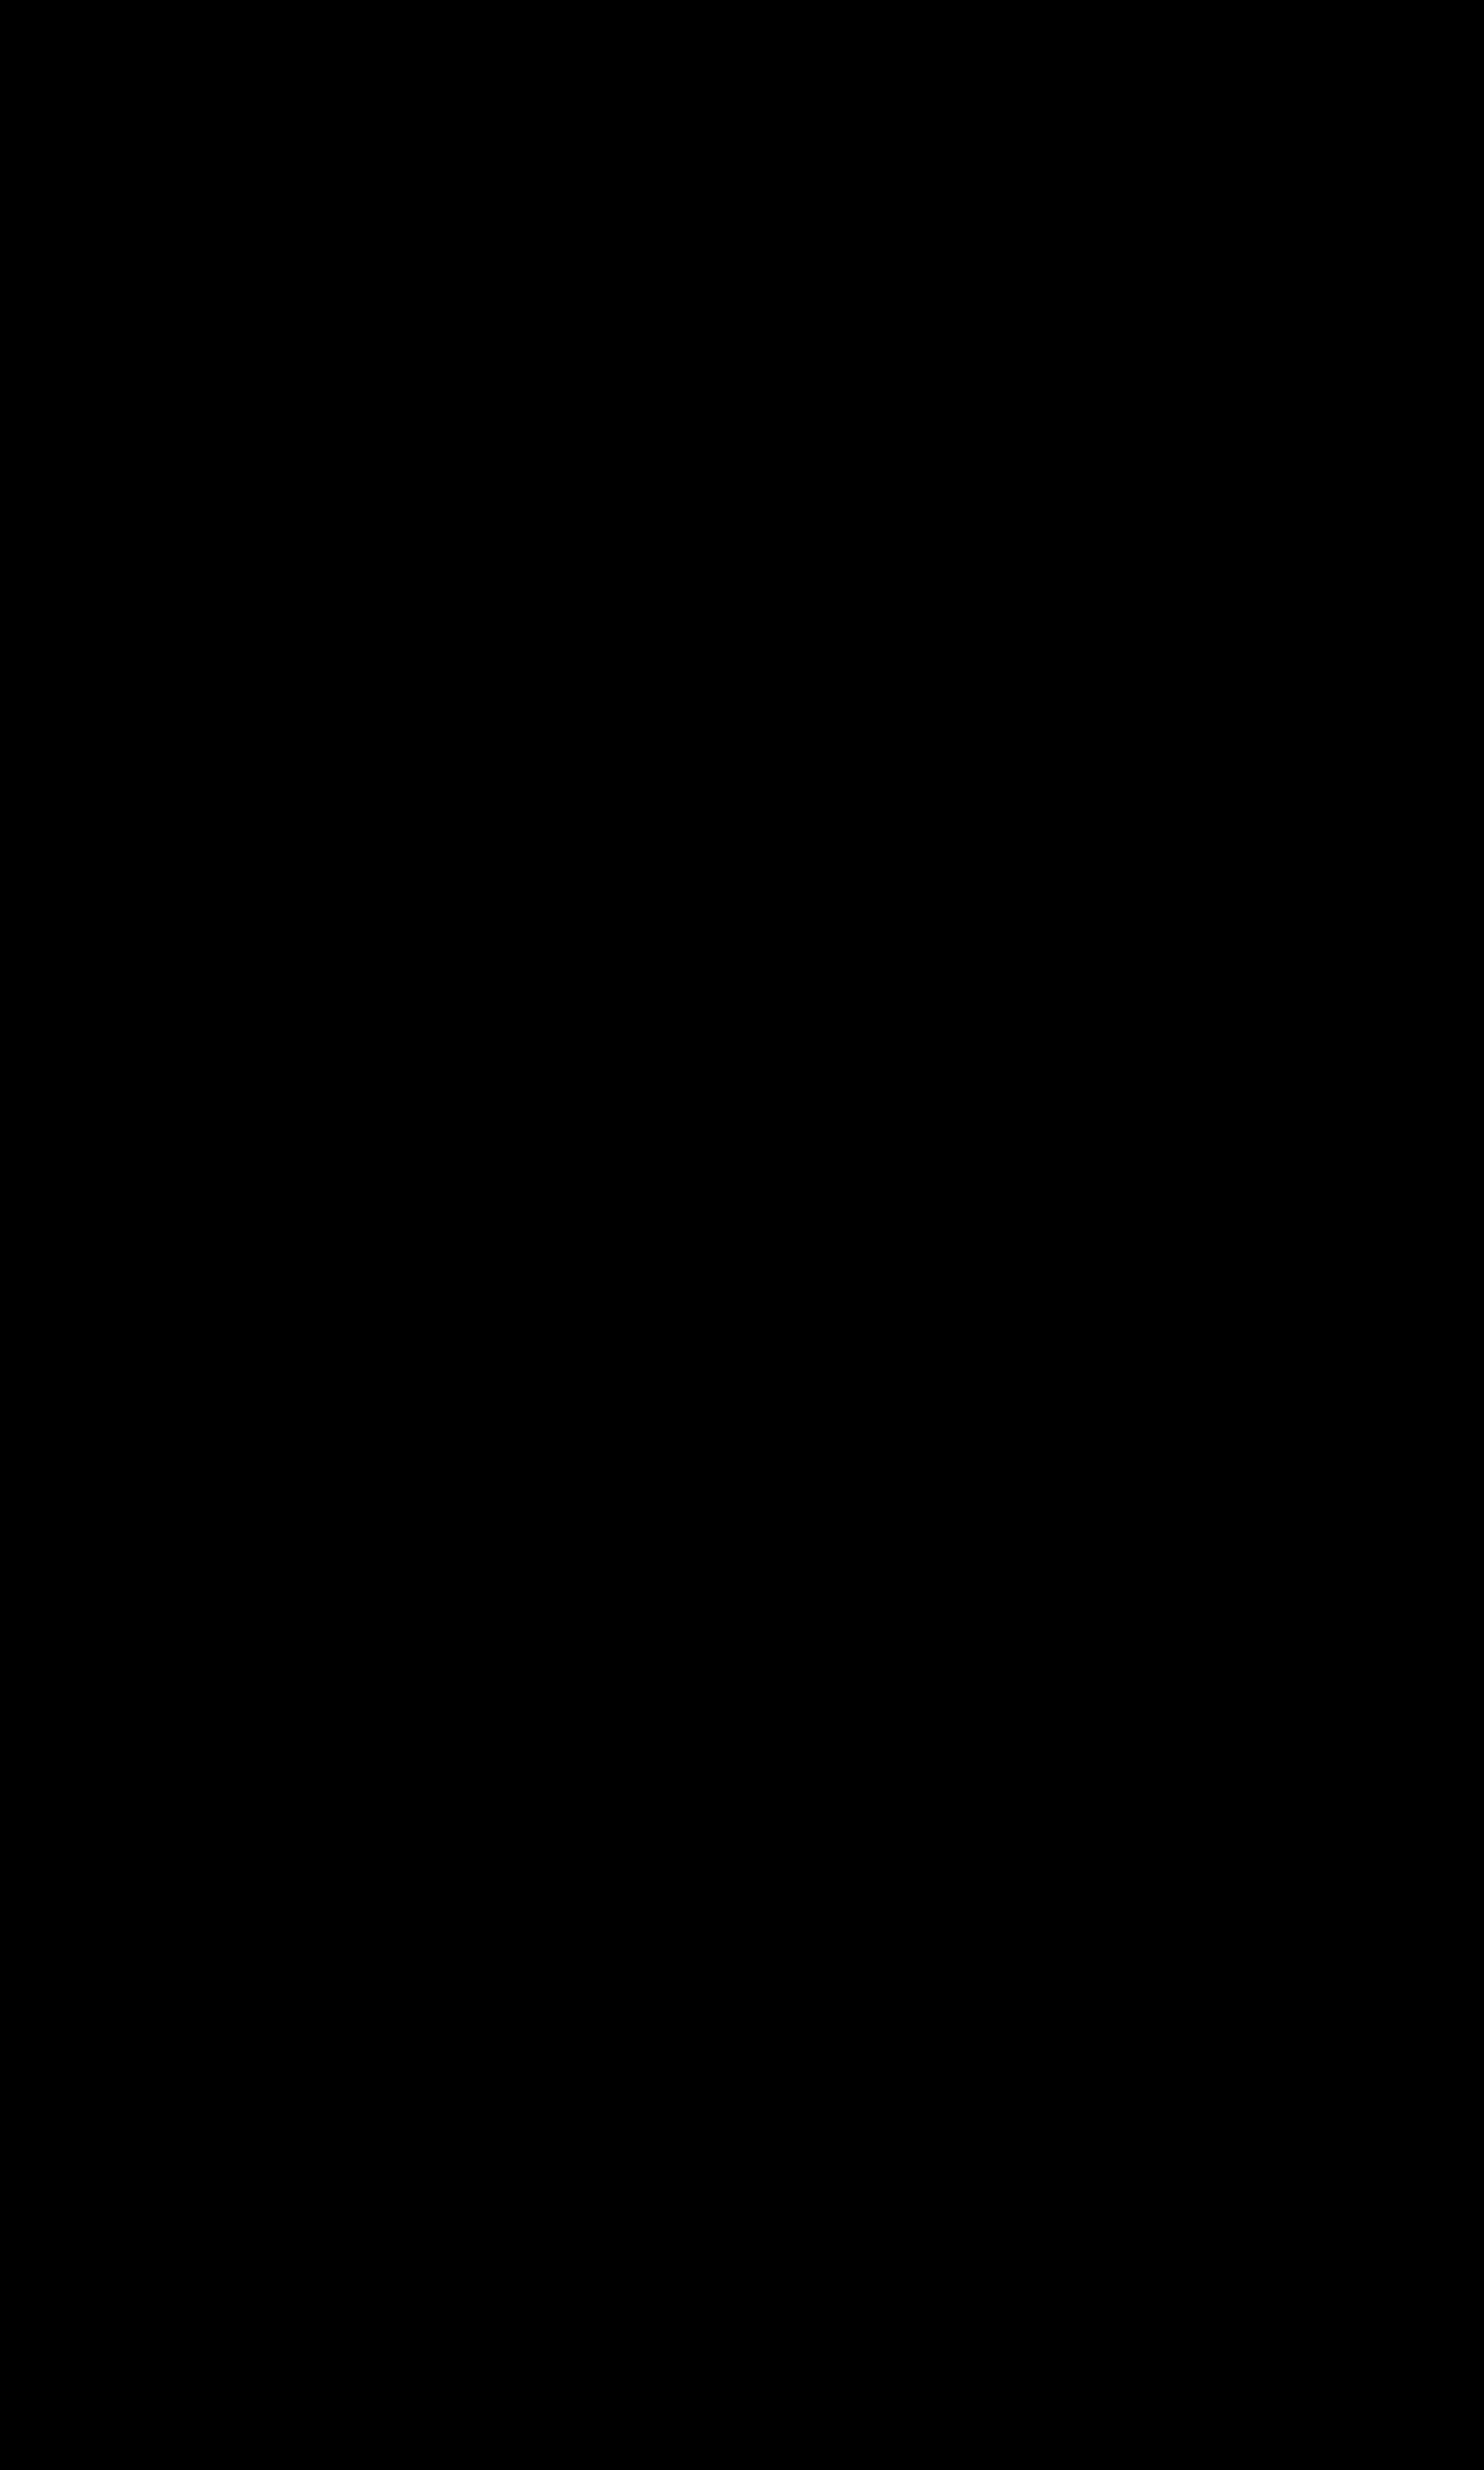 2e année - n24 - 7 février 1968